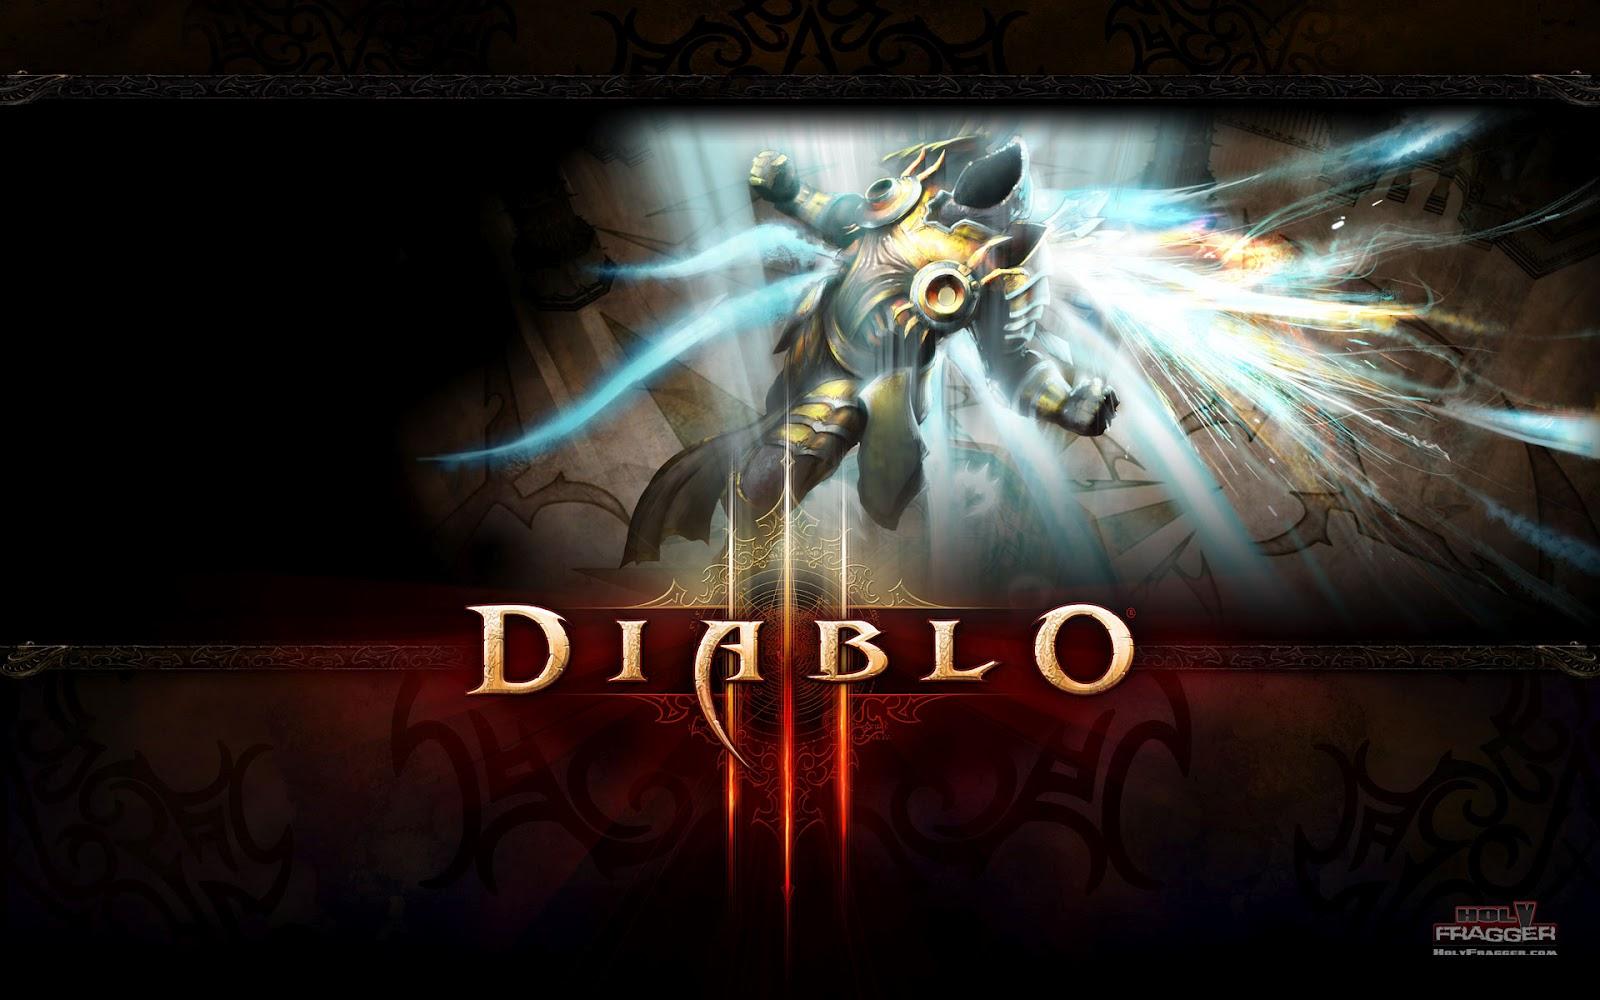 Wallpapers HD: Juego Diablo 3 (6) Wallpapers (Fondo de ... Shadow On The Wall Movie